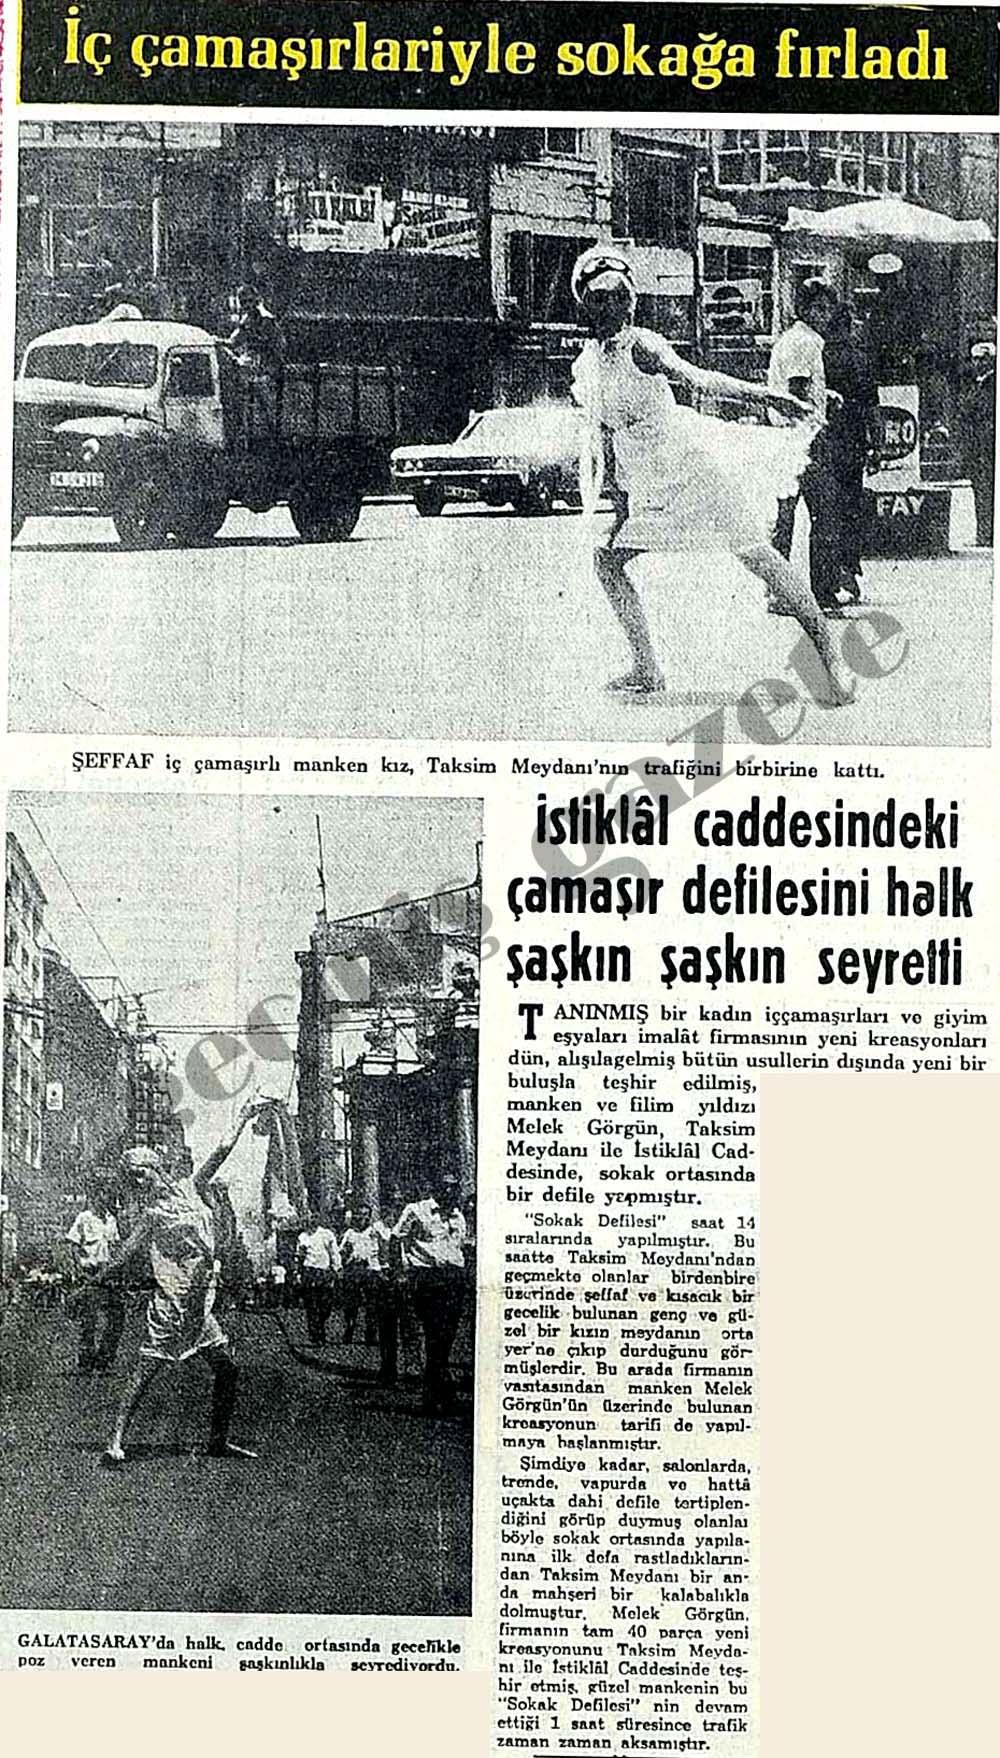 İstiklal caddesindeki çamaşır defilesini halk şaşkın şaşkın seyretti